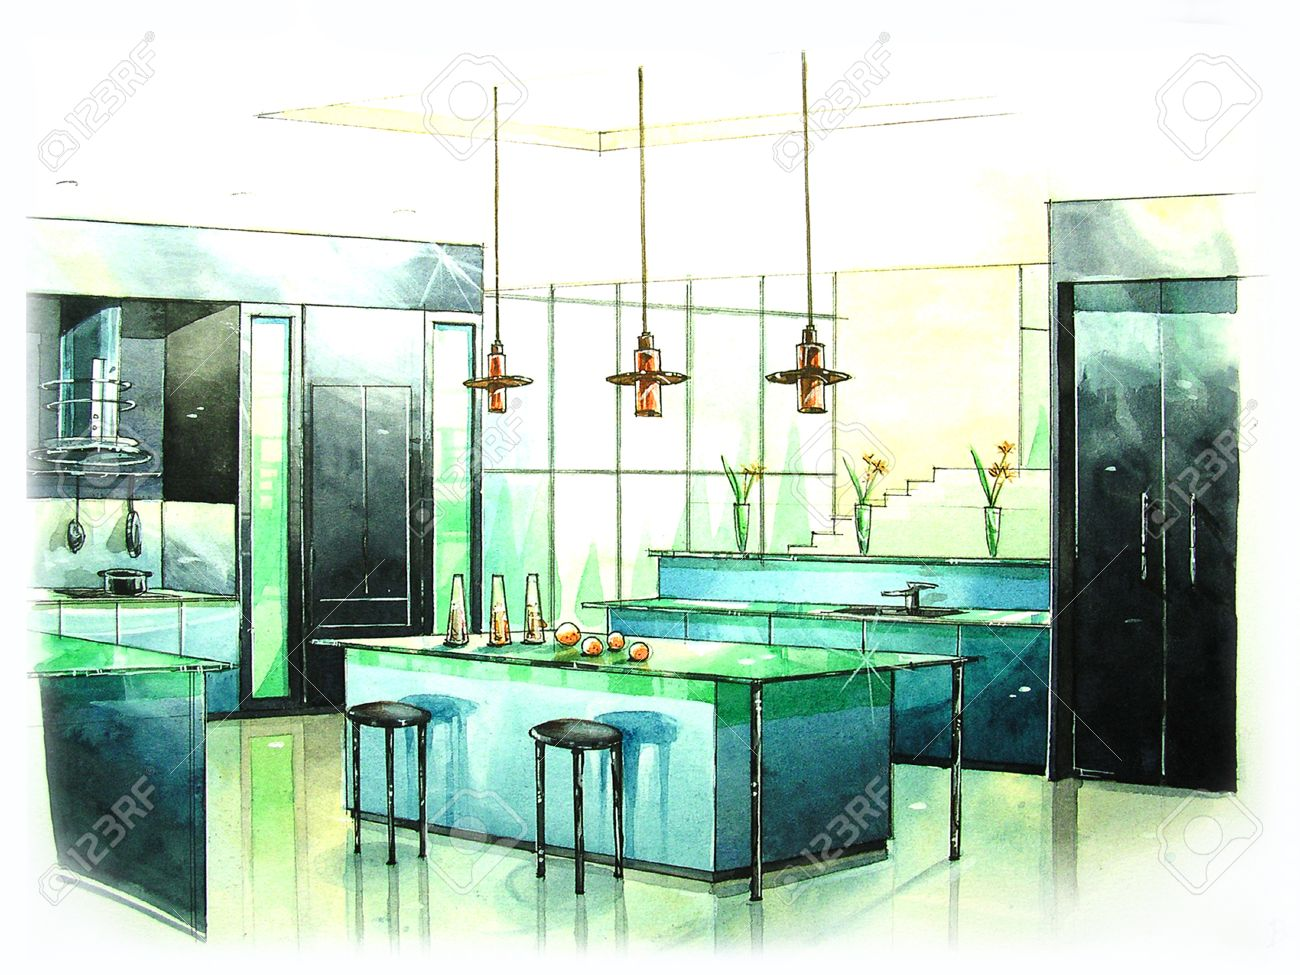 Art de la cuisine moderne de la peinture de couleur de l'eau ...